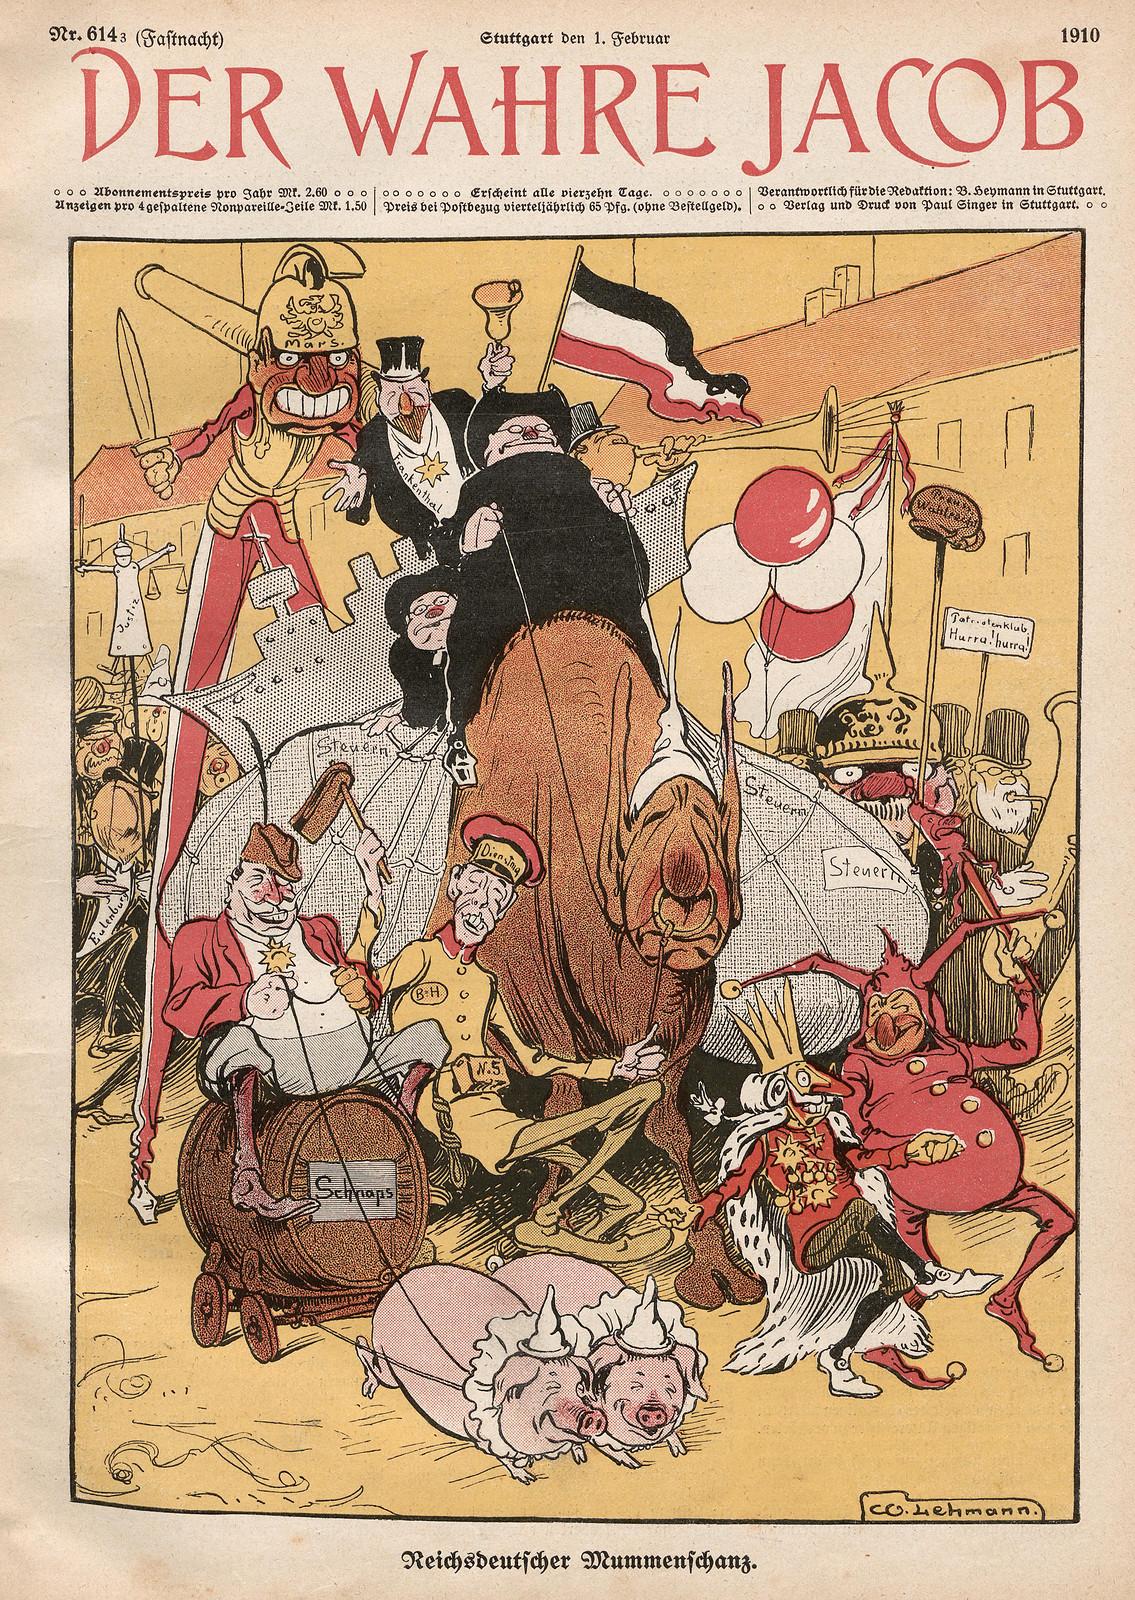 Willy Lehmann-Schramm -  Reichsdeutscher Mummenschaz, 1910